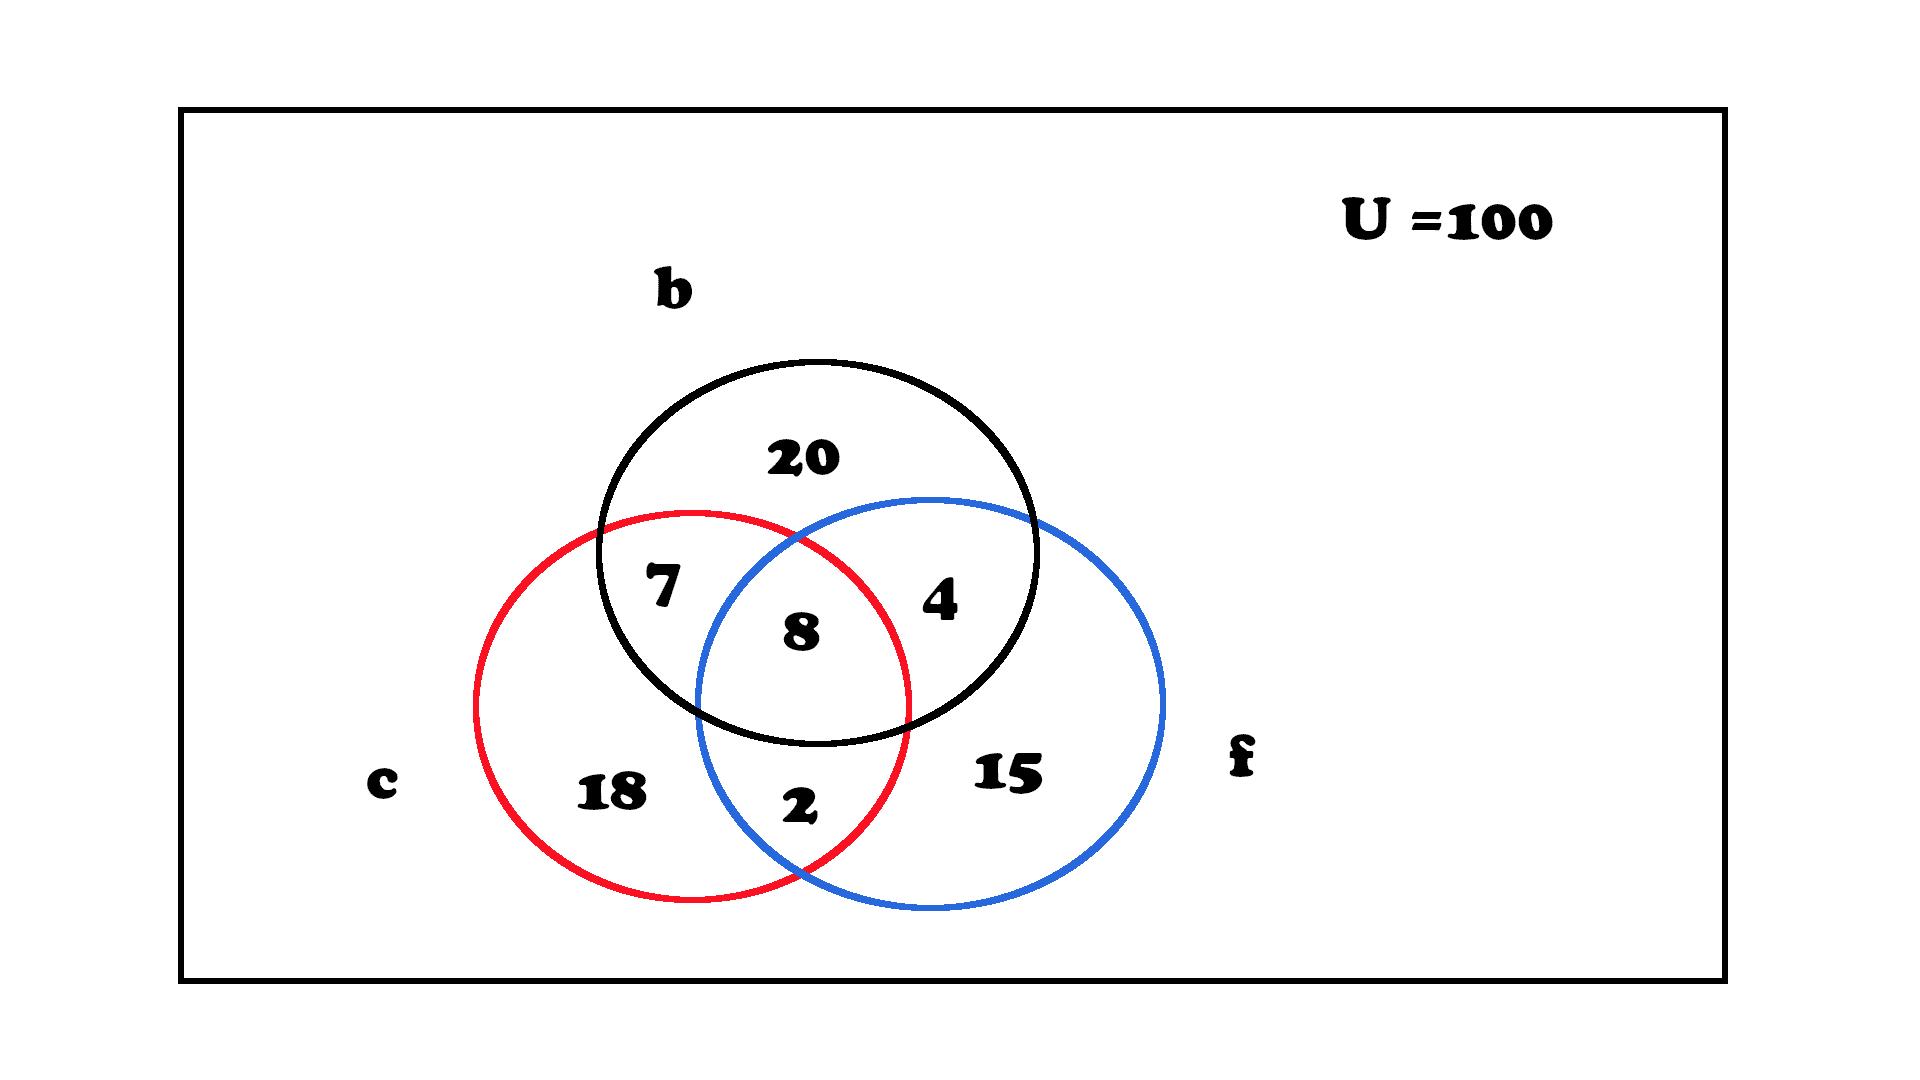 Logical Data Venn Diagram